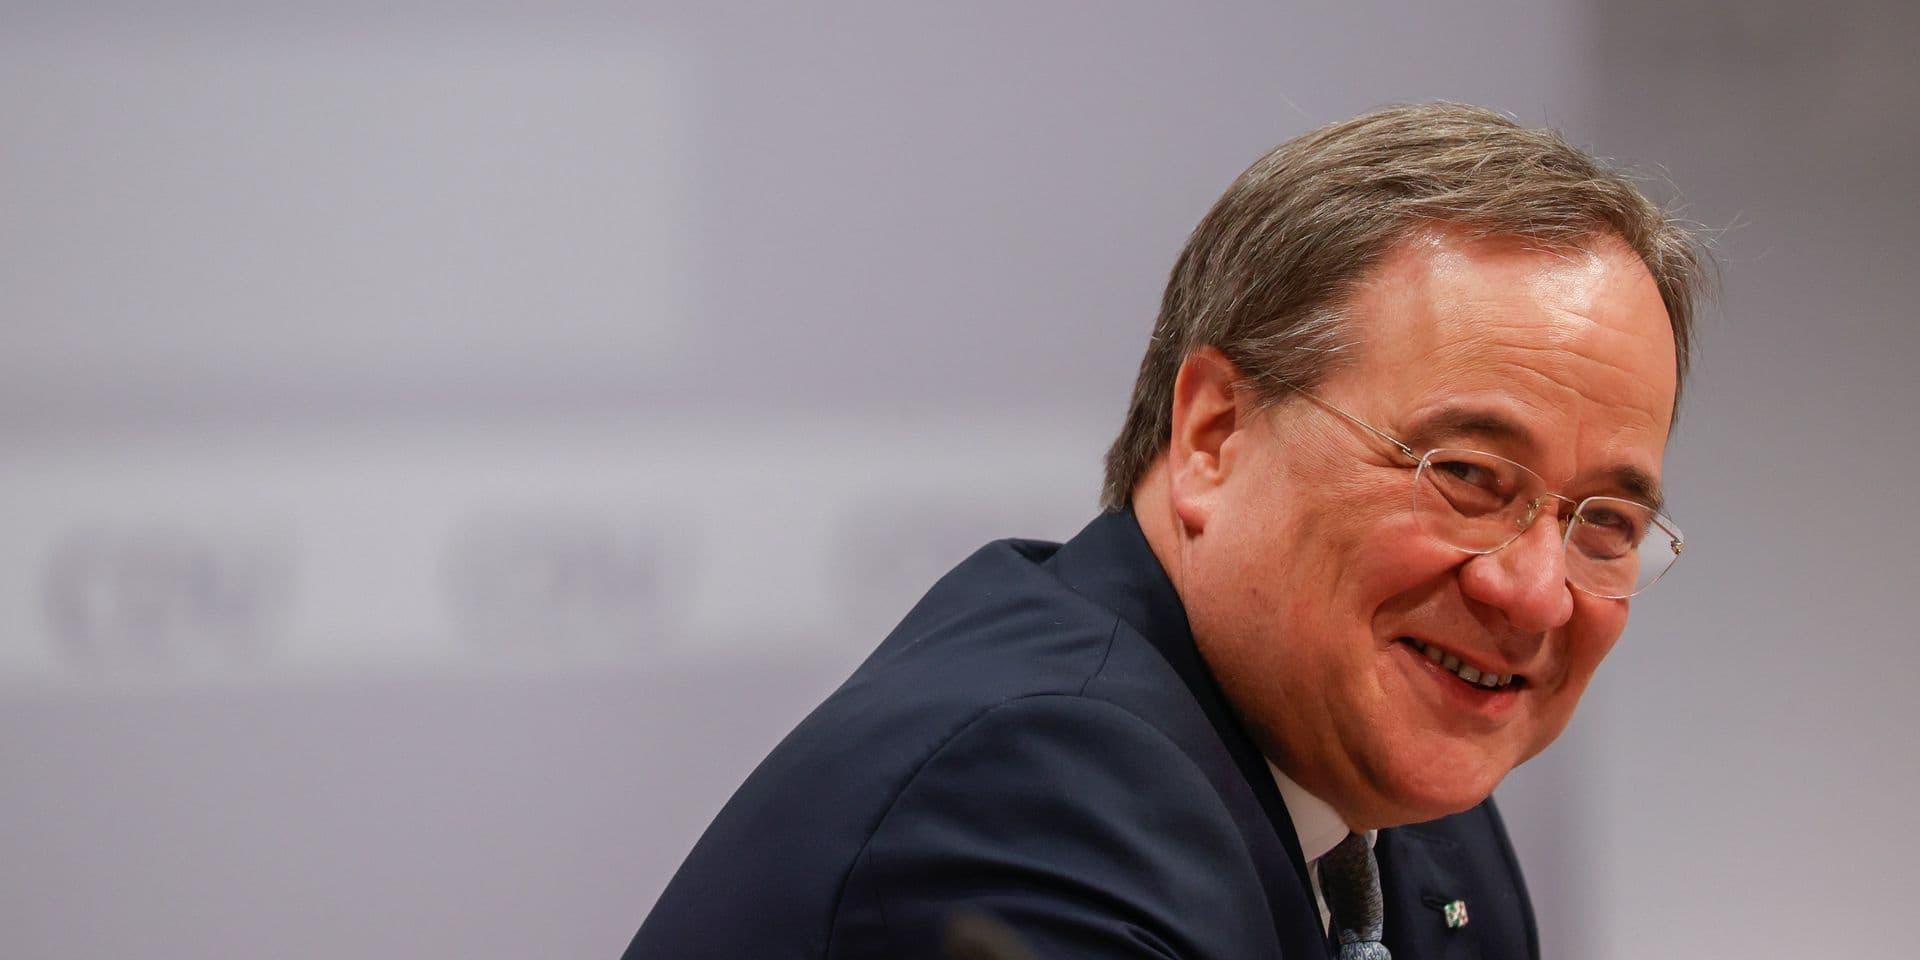 """Armin Laschet, le nouveau président de la CDU allemande, a des origines louviéroises : """"Je vais l'inviter à venir retrouver ses racines"""""""